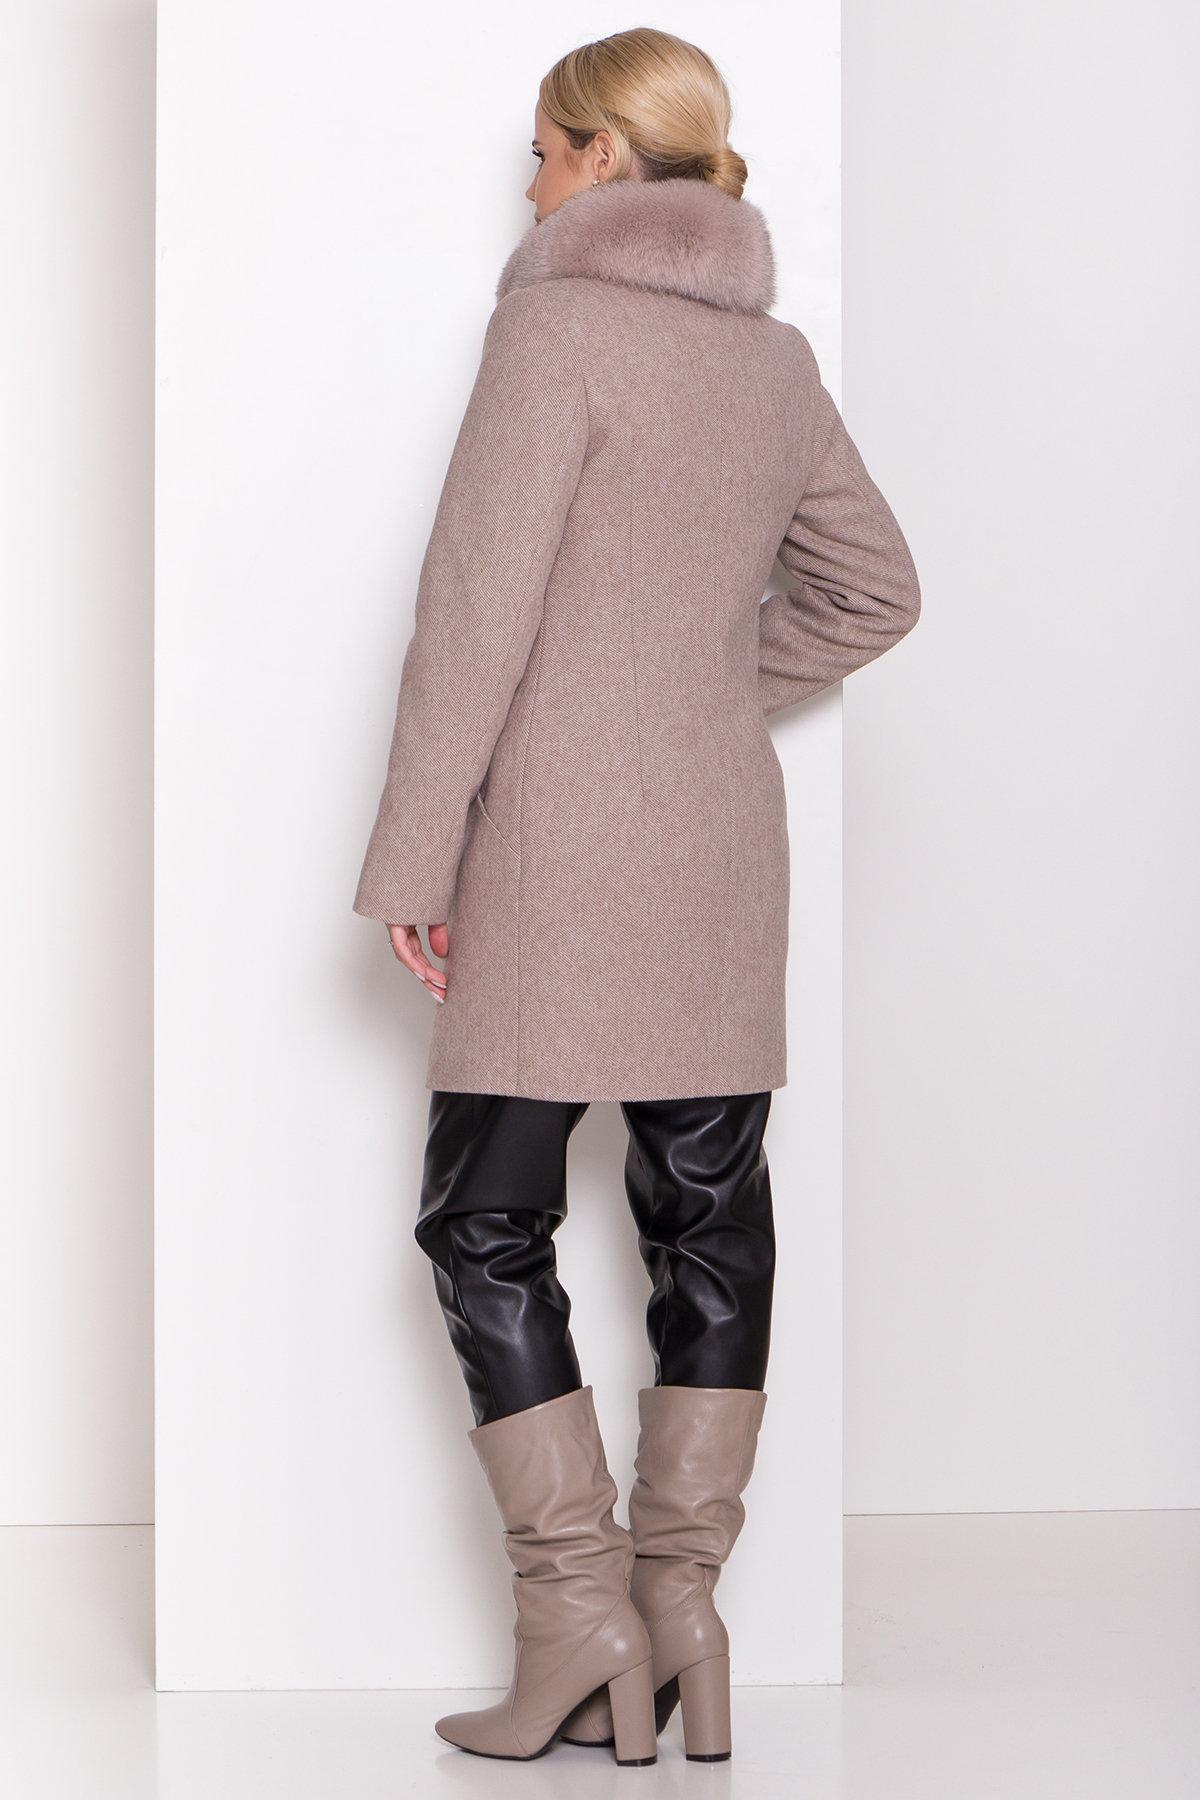 Зимнее пальто диагональ бежевое Сплит 8409 АРТ. 44638 Цвет: Бежевый меланж - фото 4, интернет магазин tm-modus.ru